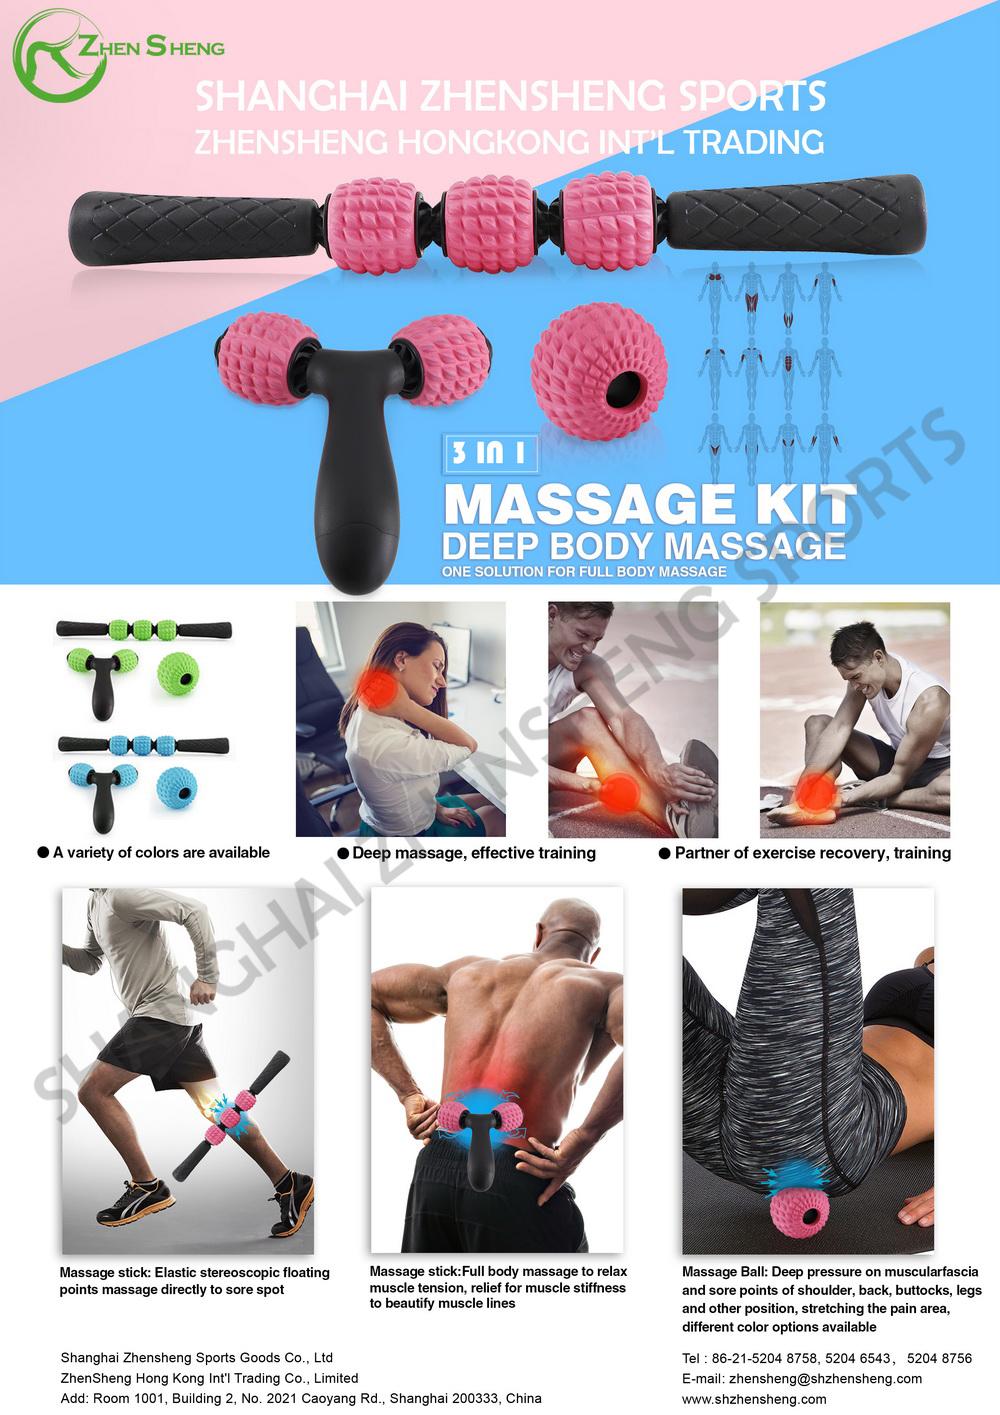 Conjunto Banda de resistência com o Treinamento Zhensheng Ajudar Ginásio-Stick, Pilates Vara, bar exercício